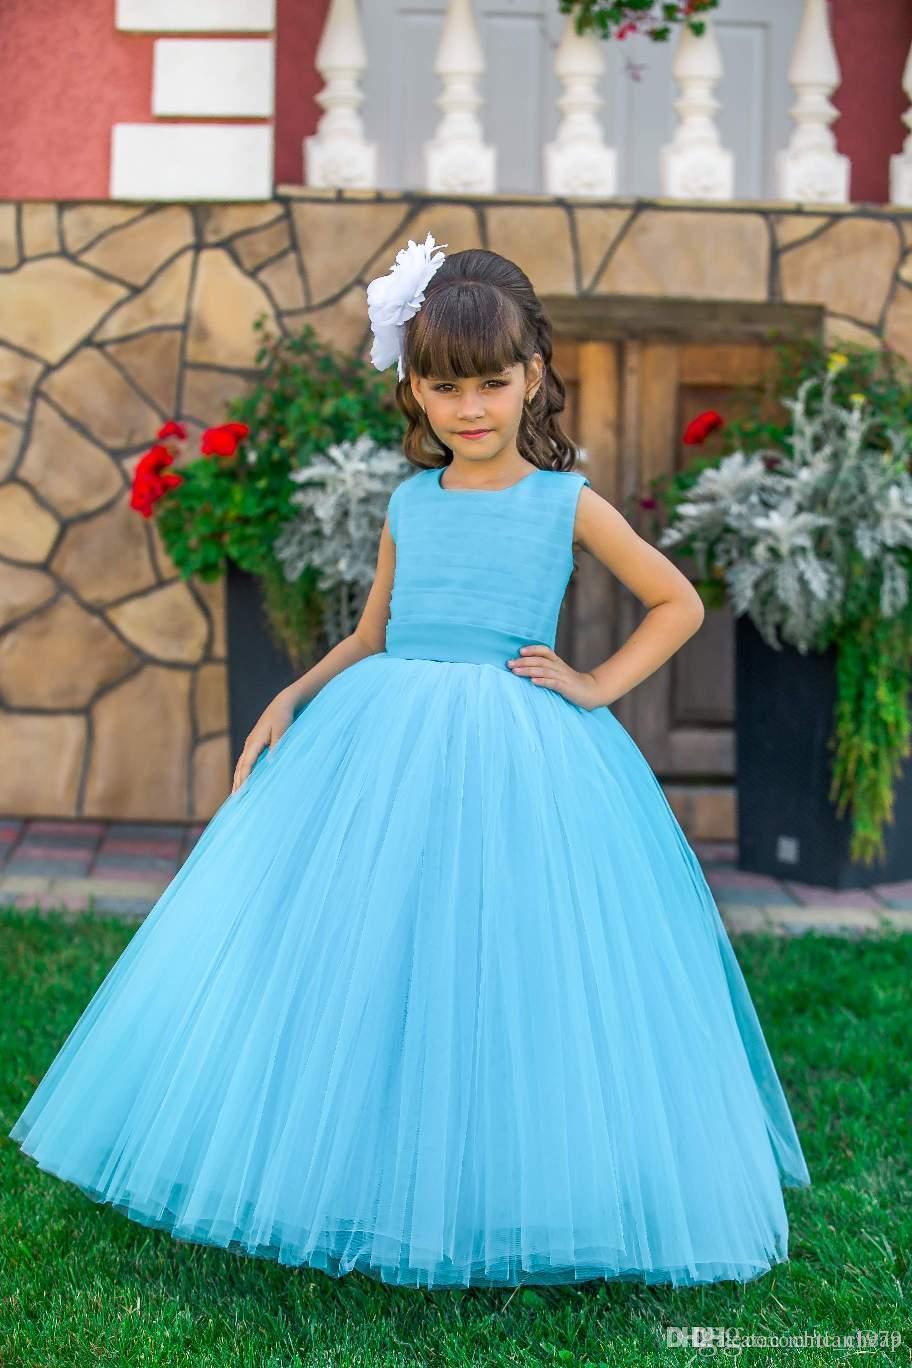 Floral Applique Flower Girls Dresses Correias Cruz Backless Comunhão Partido Vestidos Puffy Tulle aniversário vestido Pageant vestido de baile Meninas